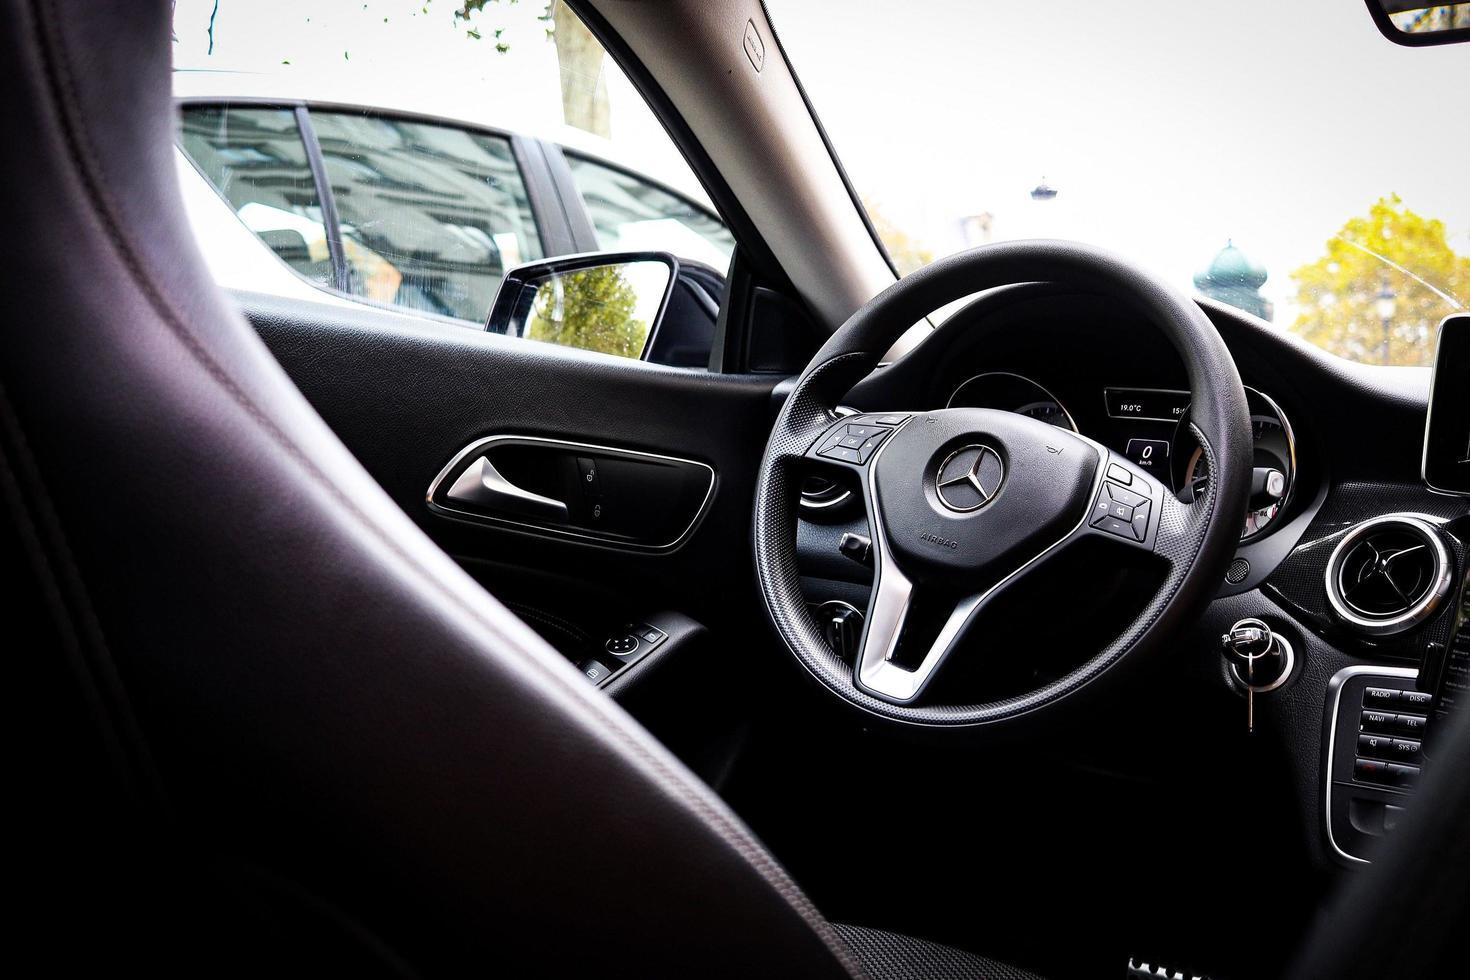 francia, 2020 - all'interno dell'auto mercedes-benz foto